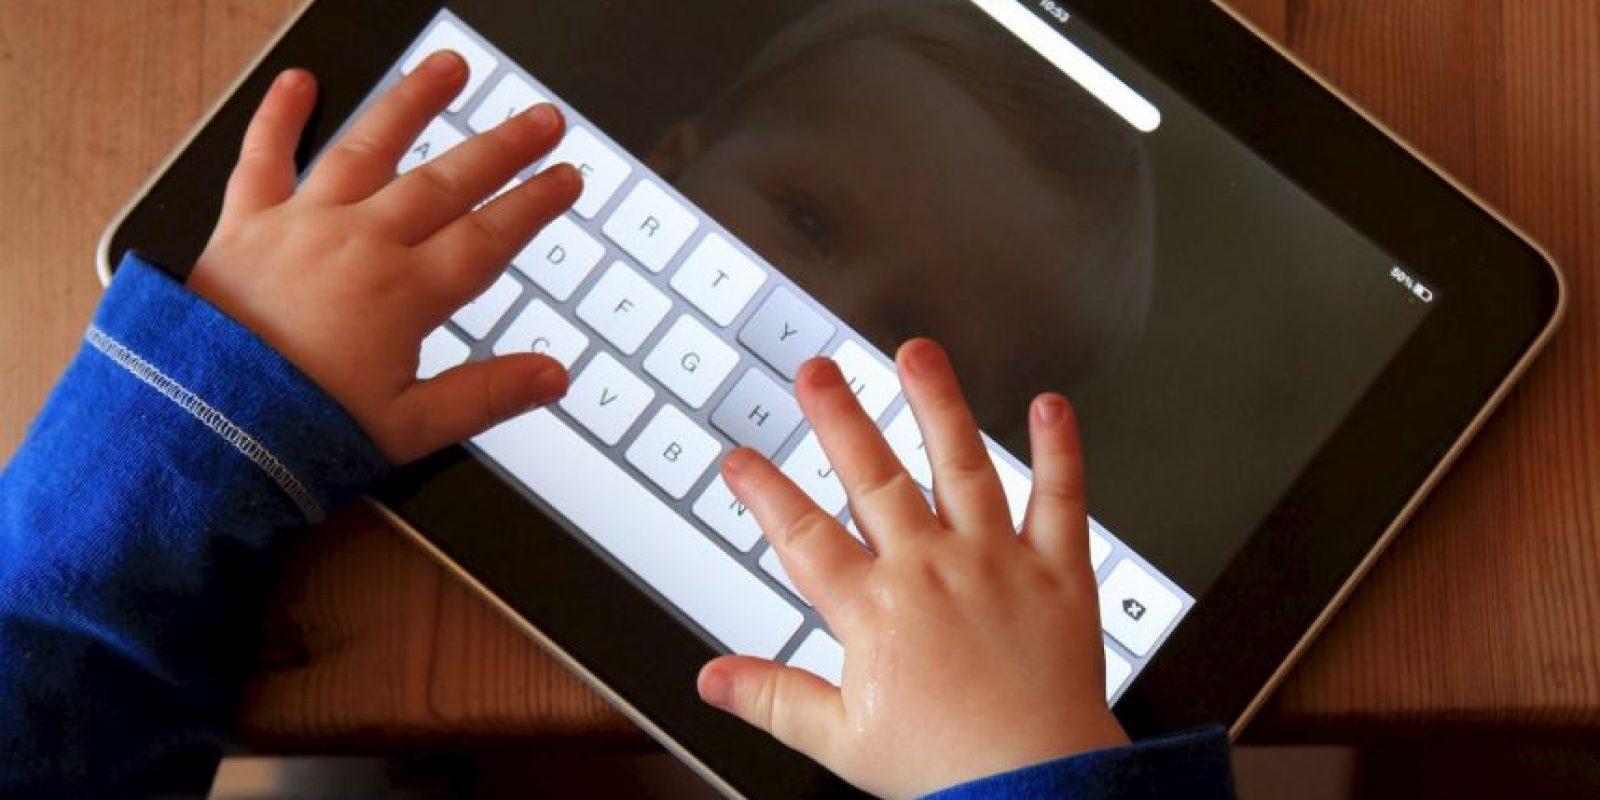 Por razones de seguridad, muchos padres supervisan el uso que sus hijos menores de edad le dan a estas herramientas. Sin embargo, además de supervisar lo que los menores hacen en Internet algunos padres optan por espiar cada actividad de sus hijos. Foto:Getty